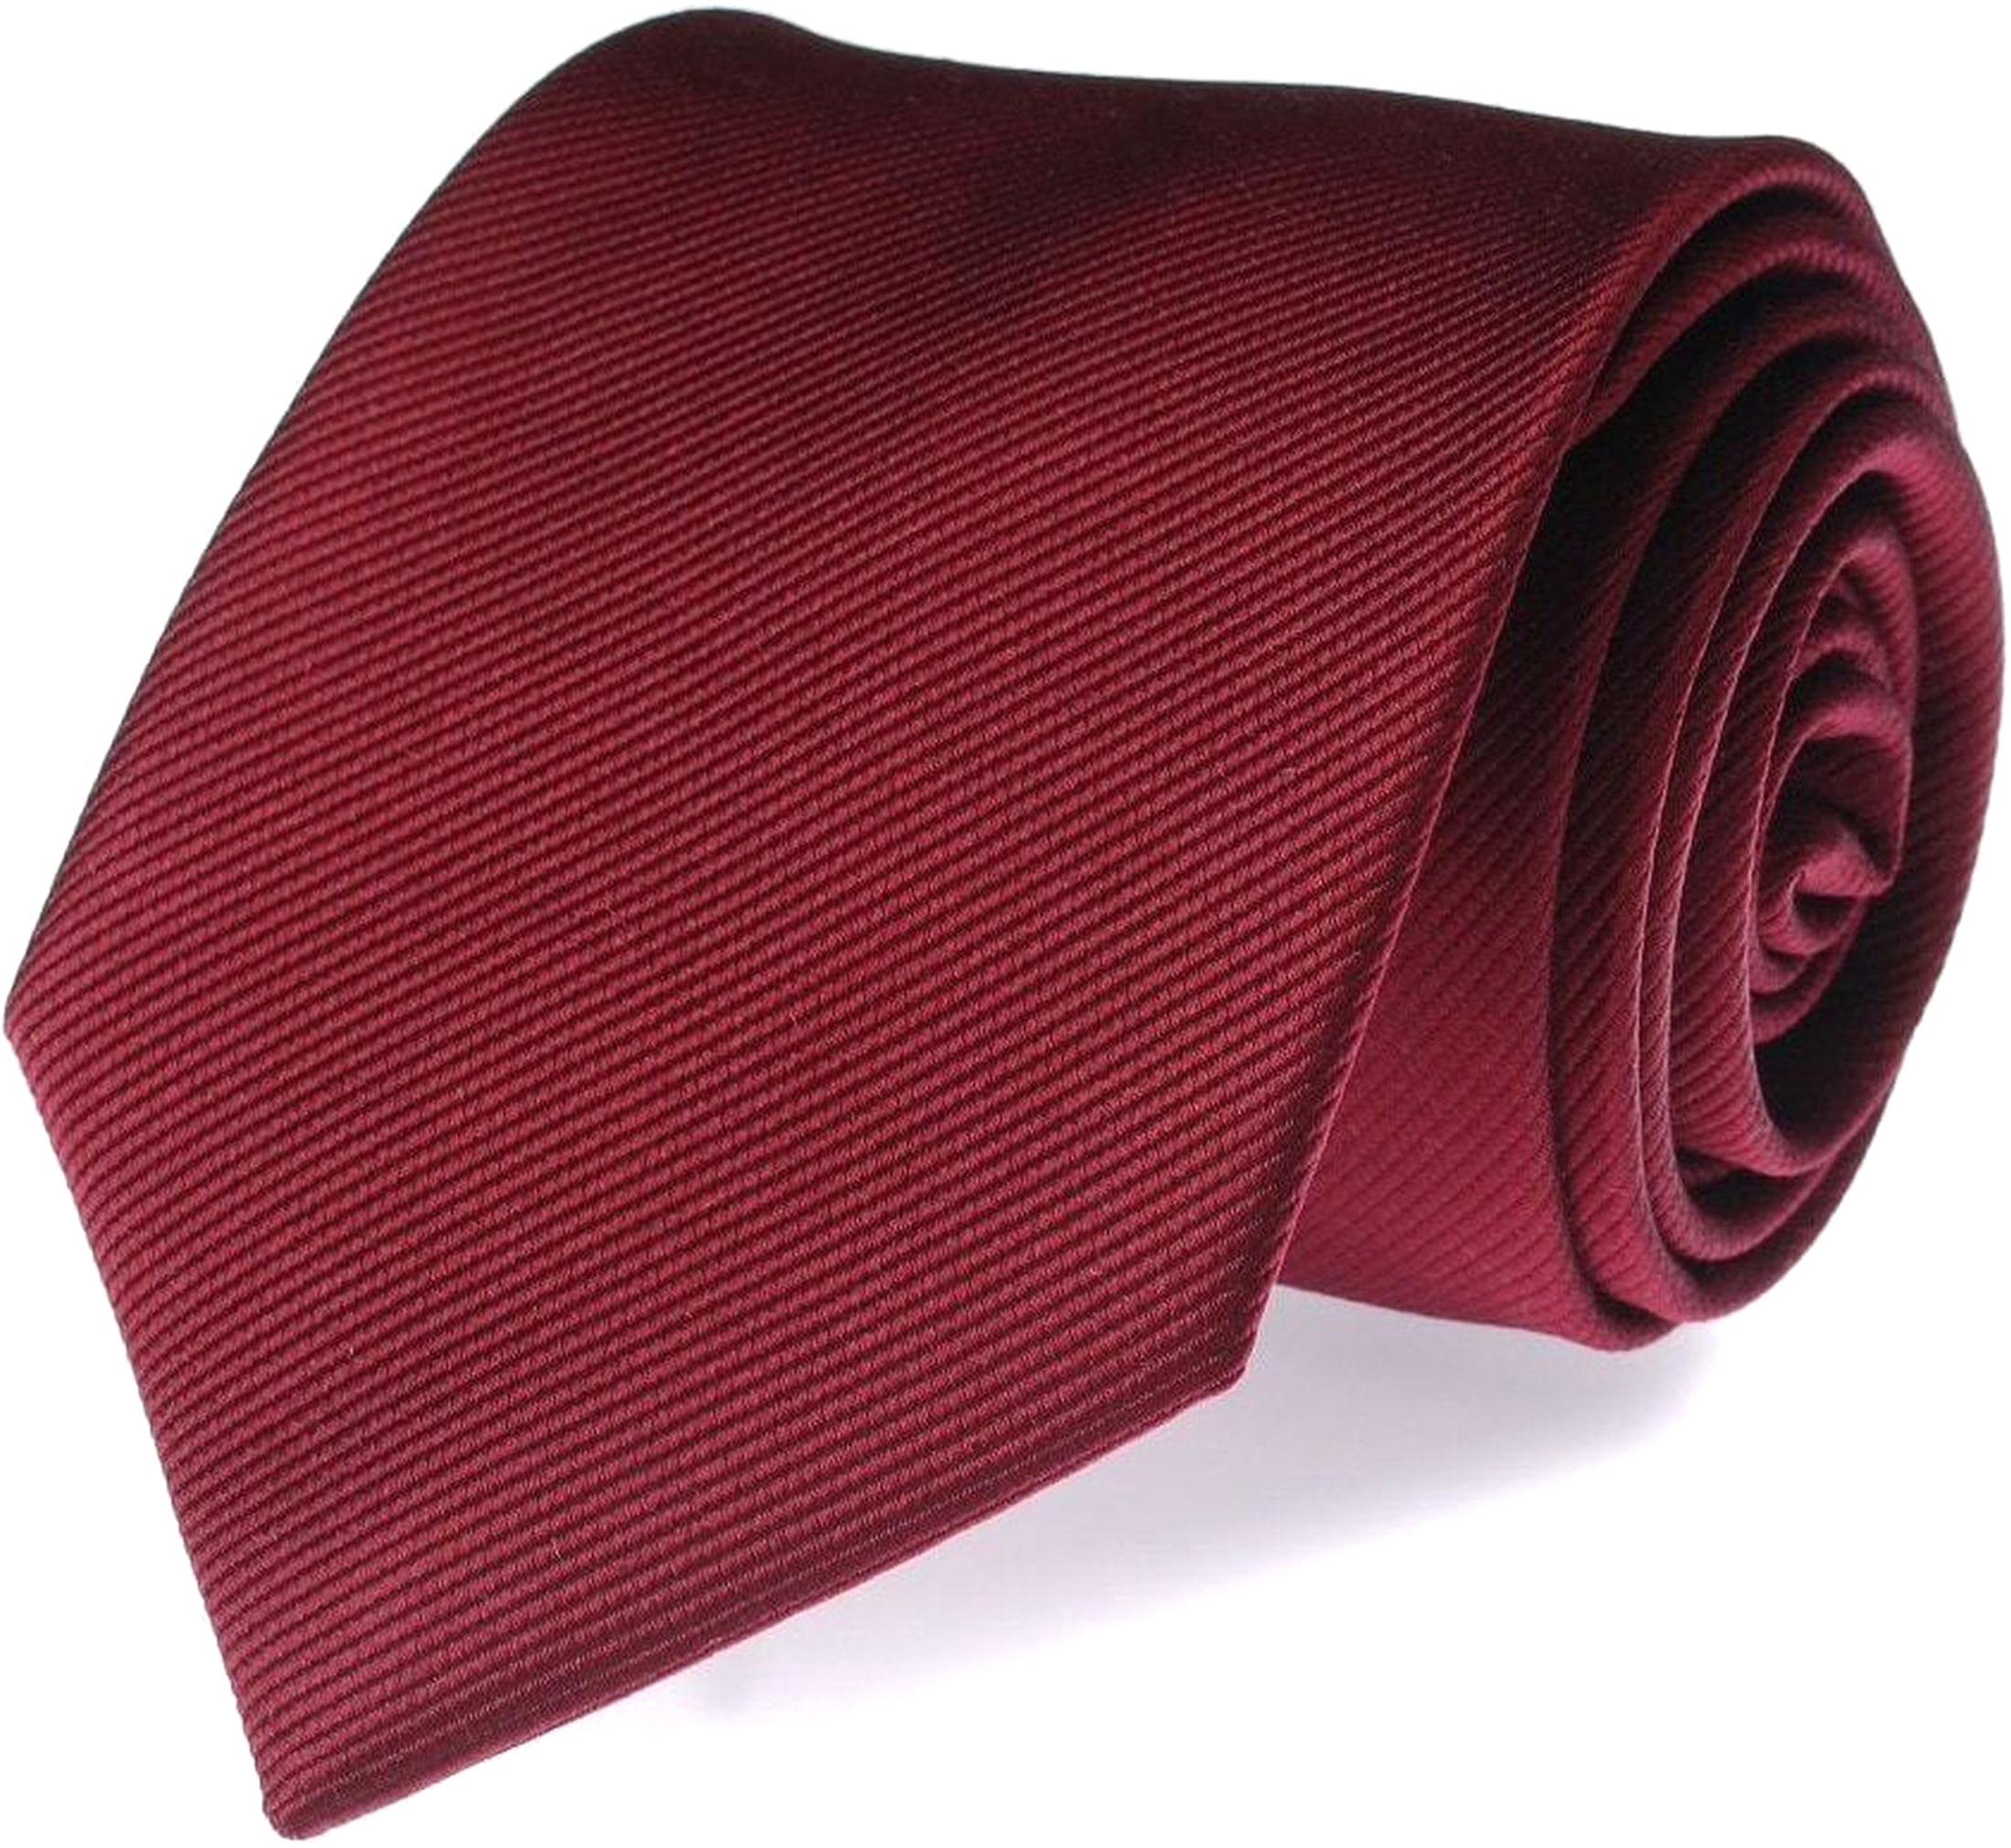 Krawatte Bordeaux Seide Uni F31 foto 0